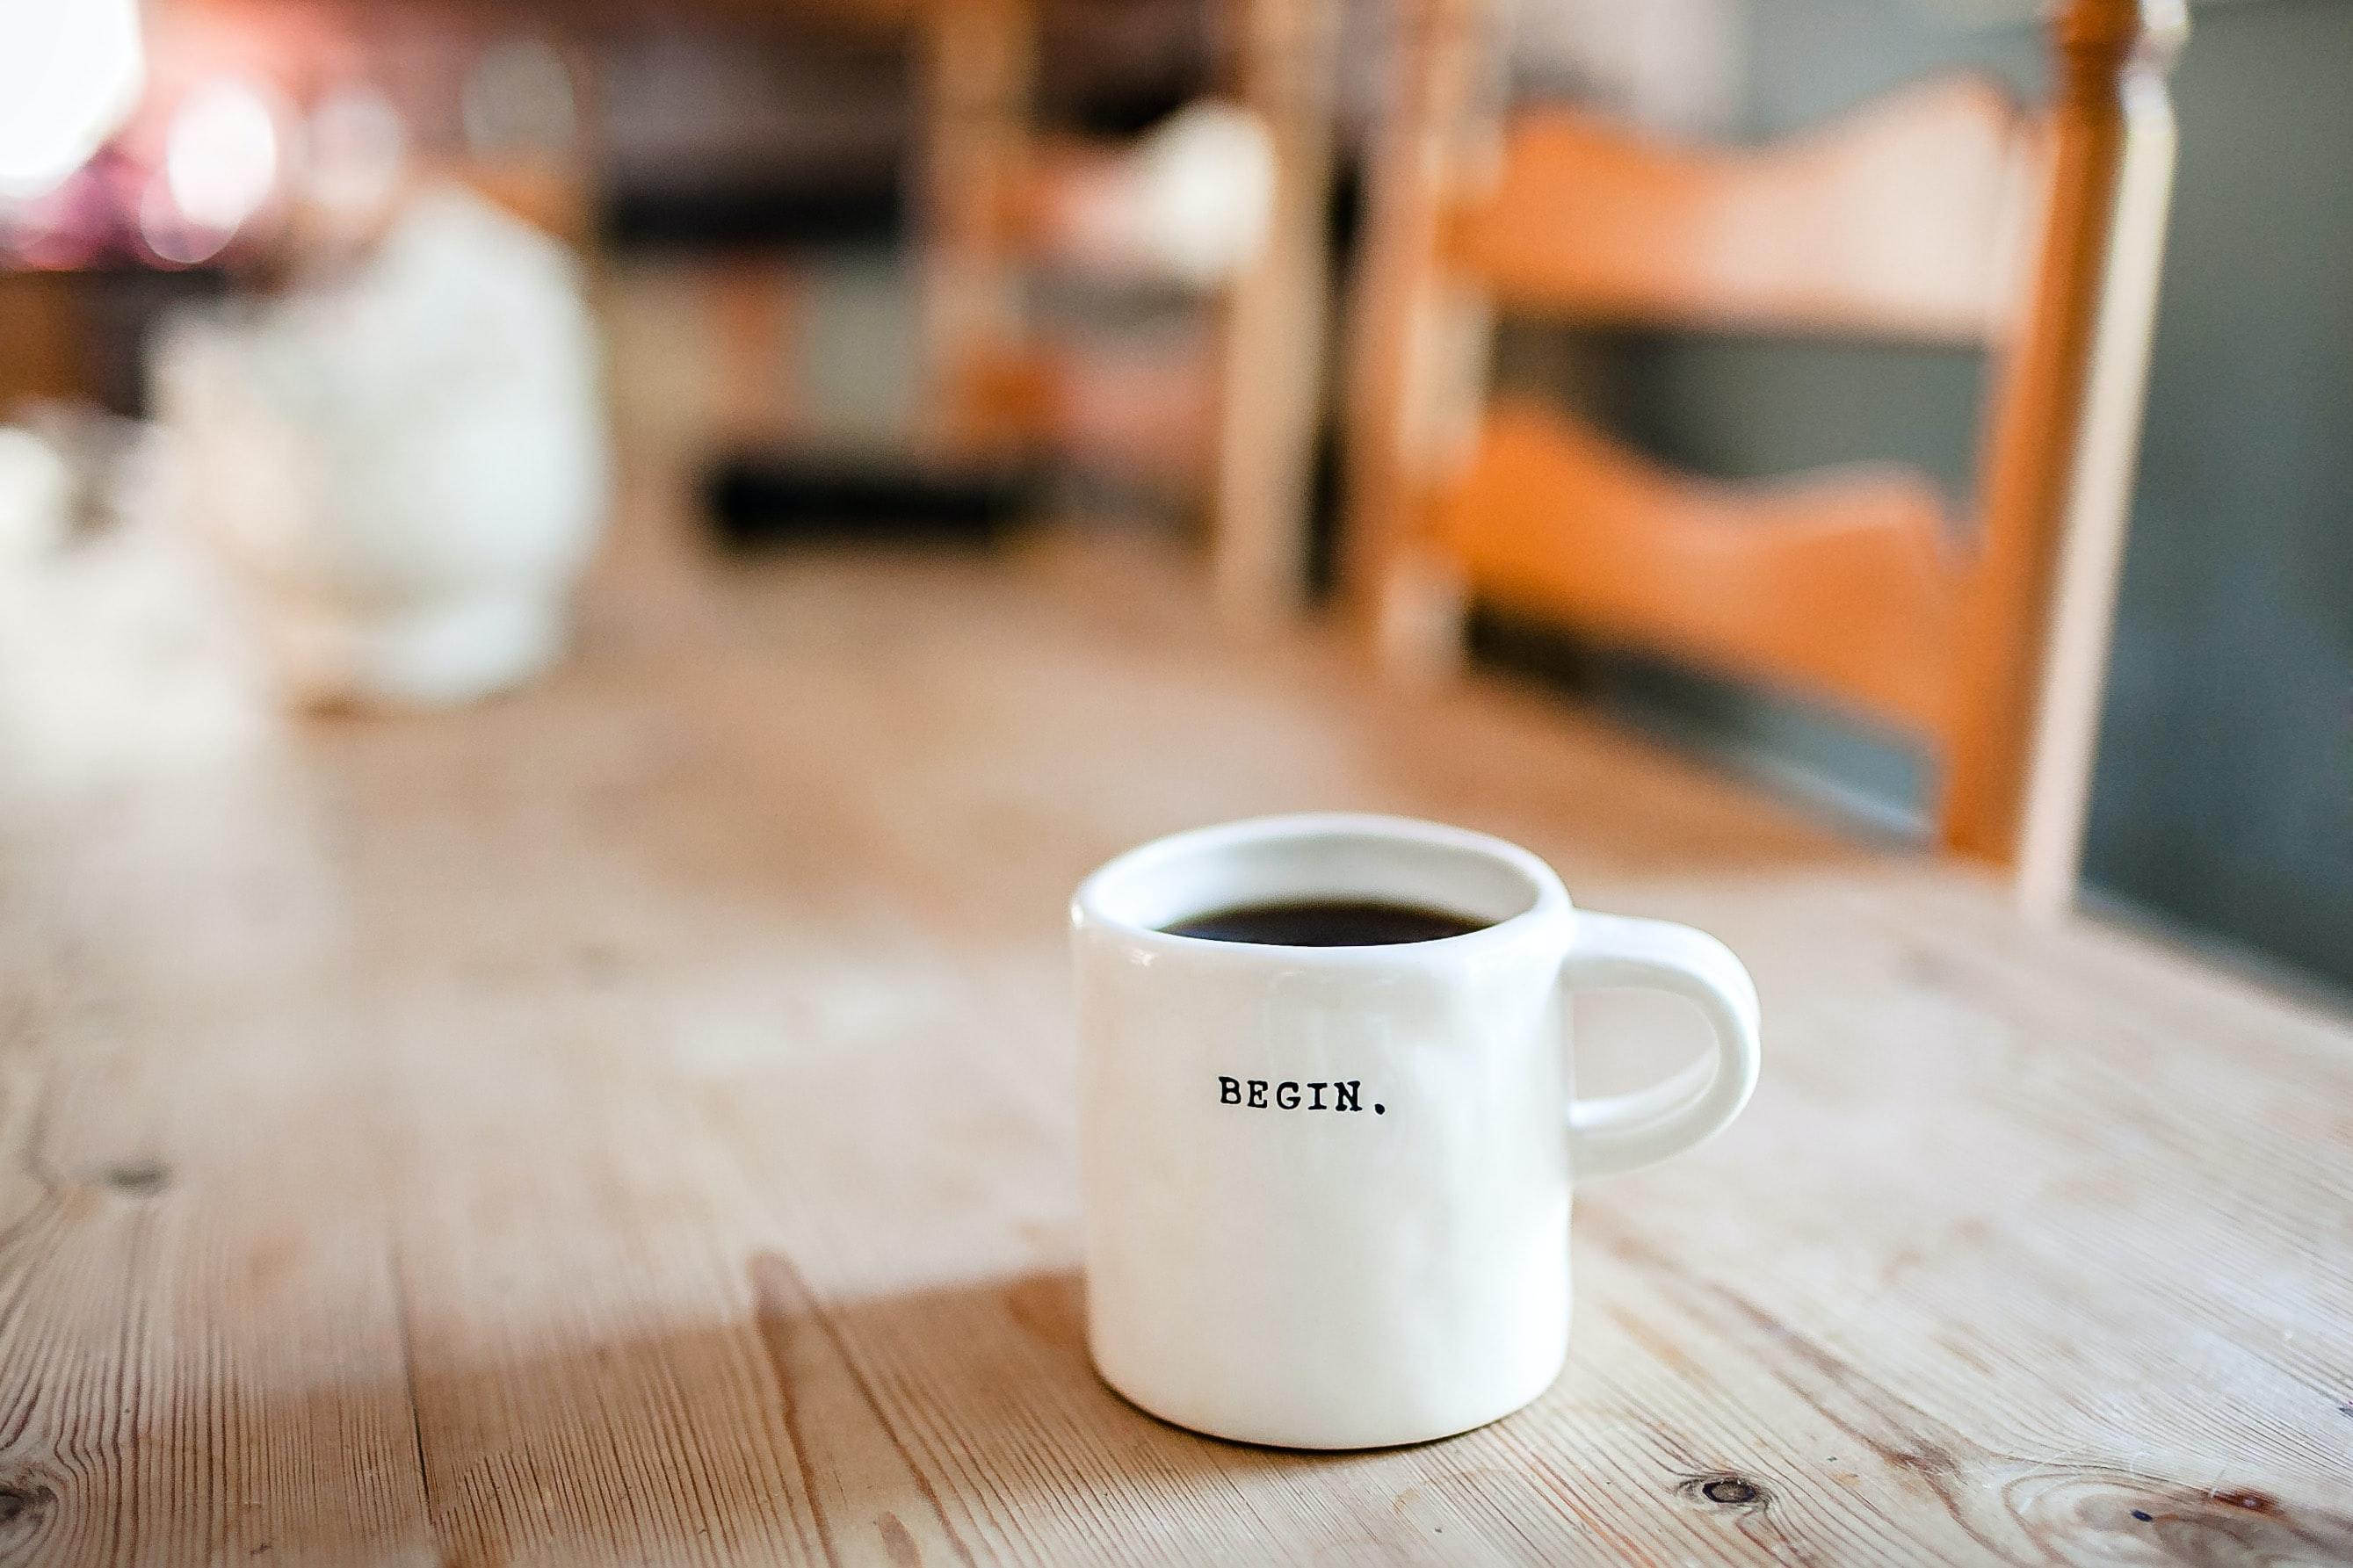 Koffie leren drinken tips